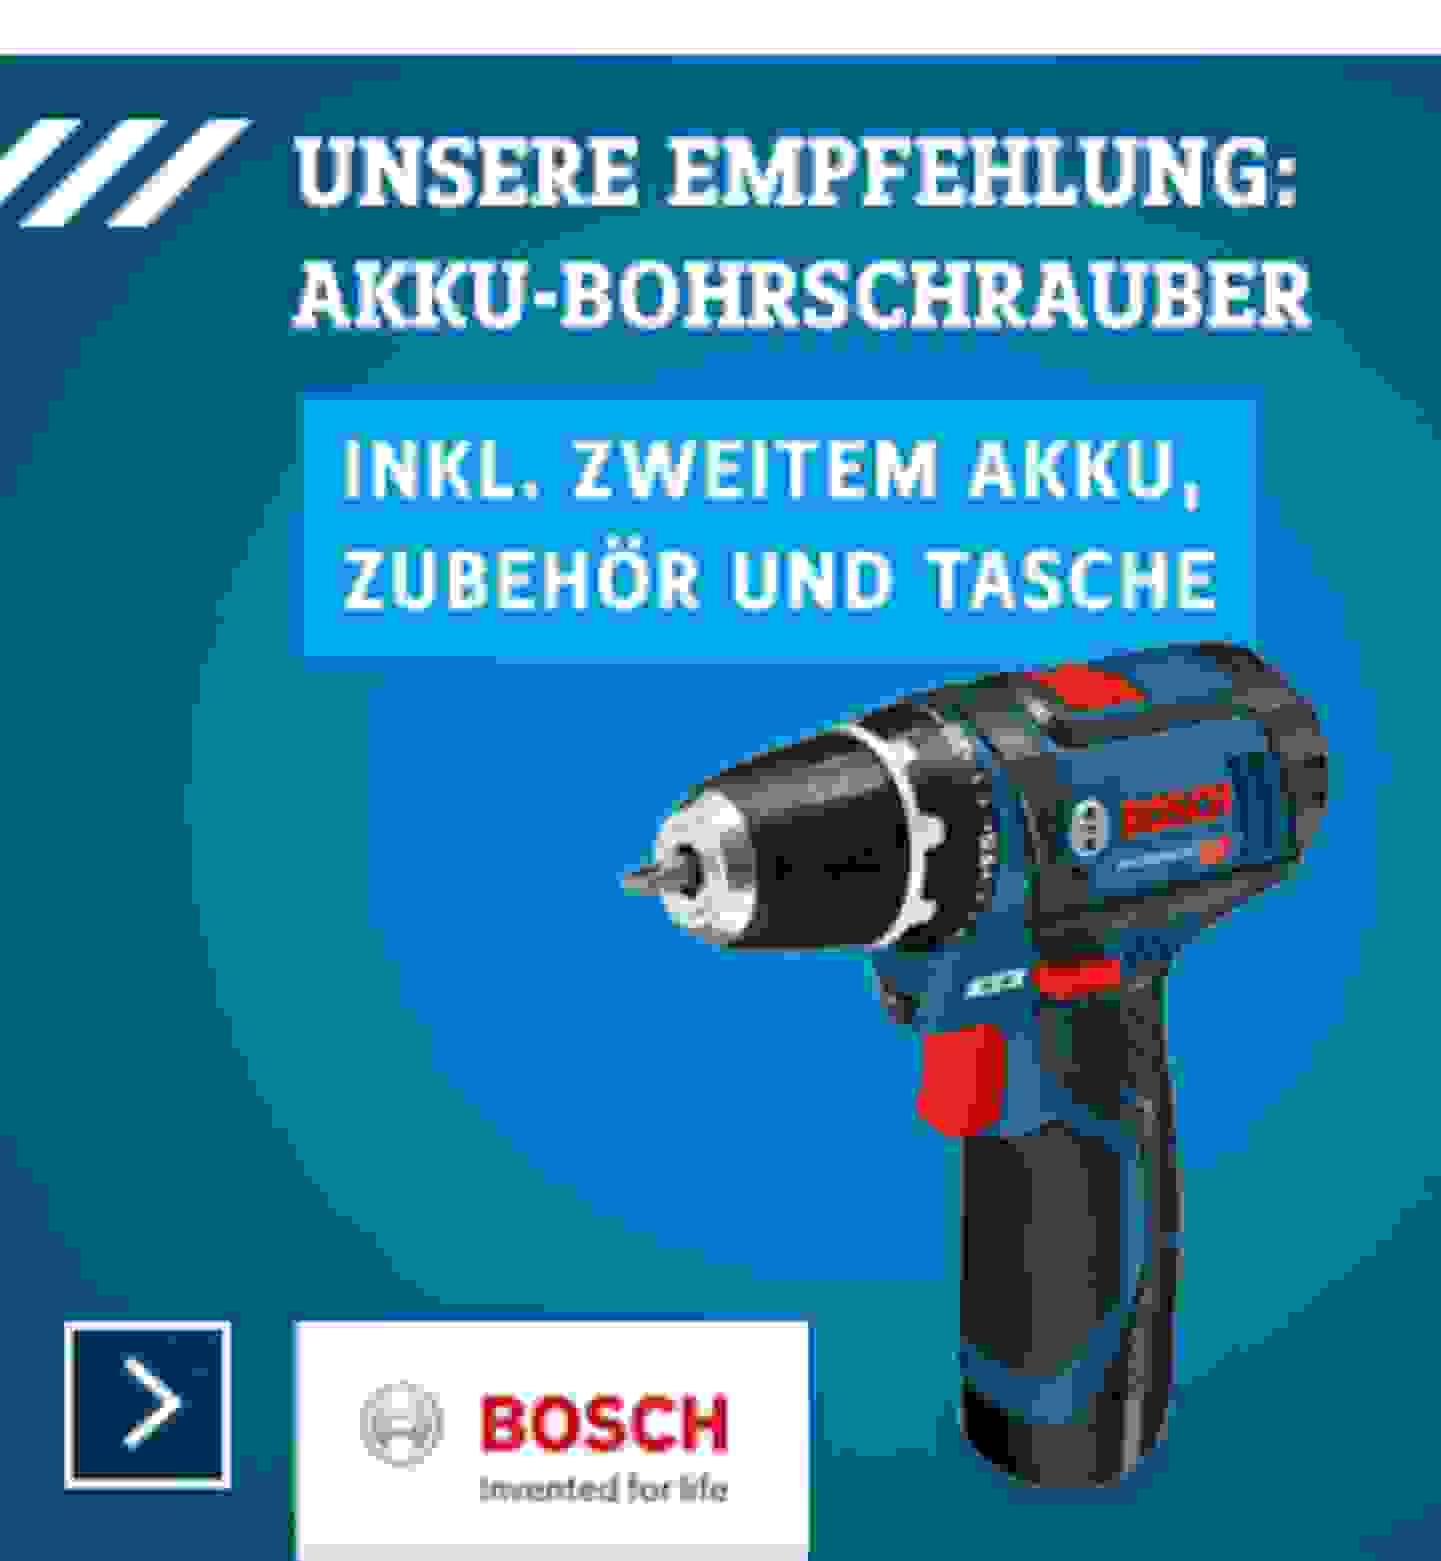 Akku-Bohrschrauber - Bosch